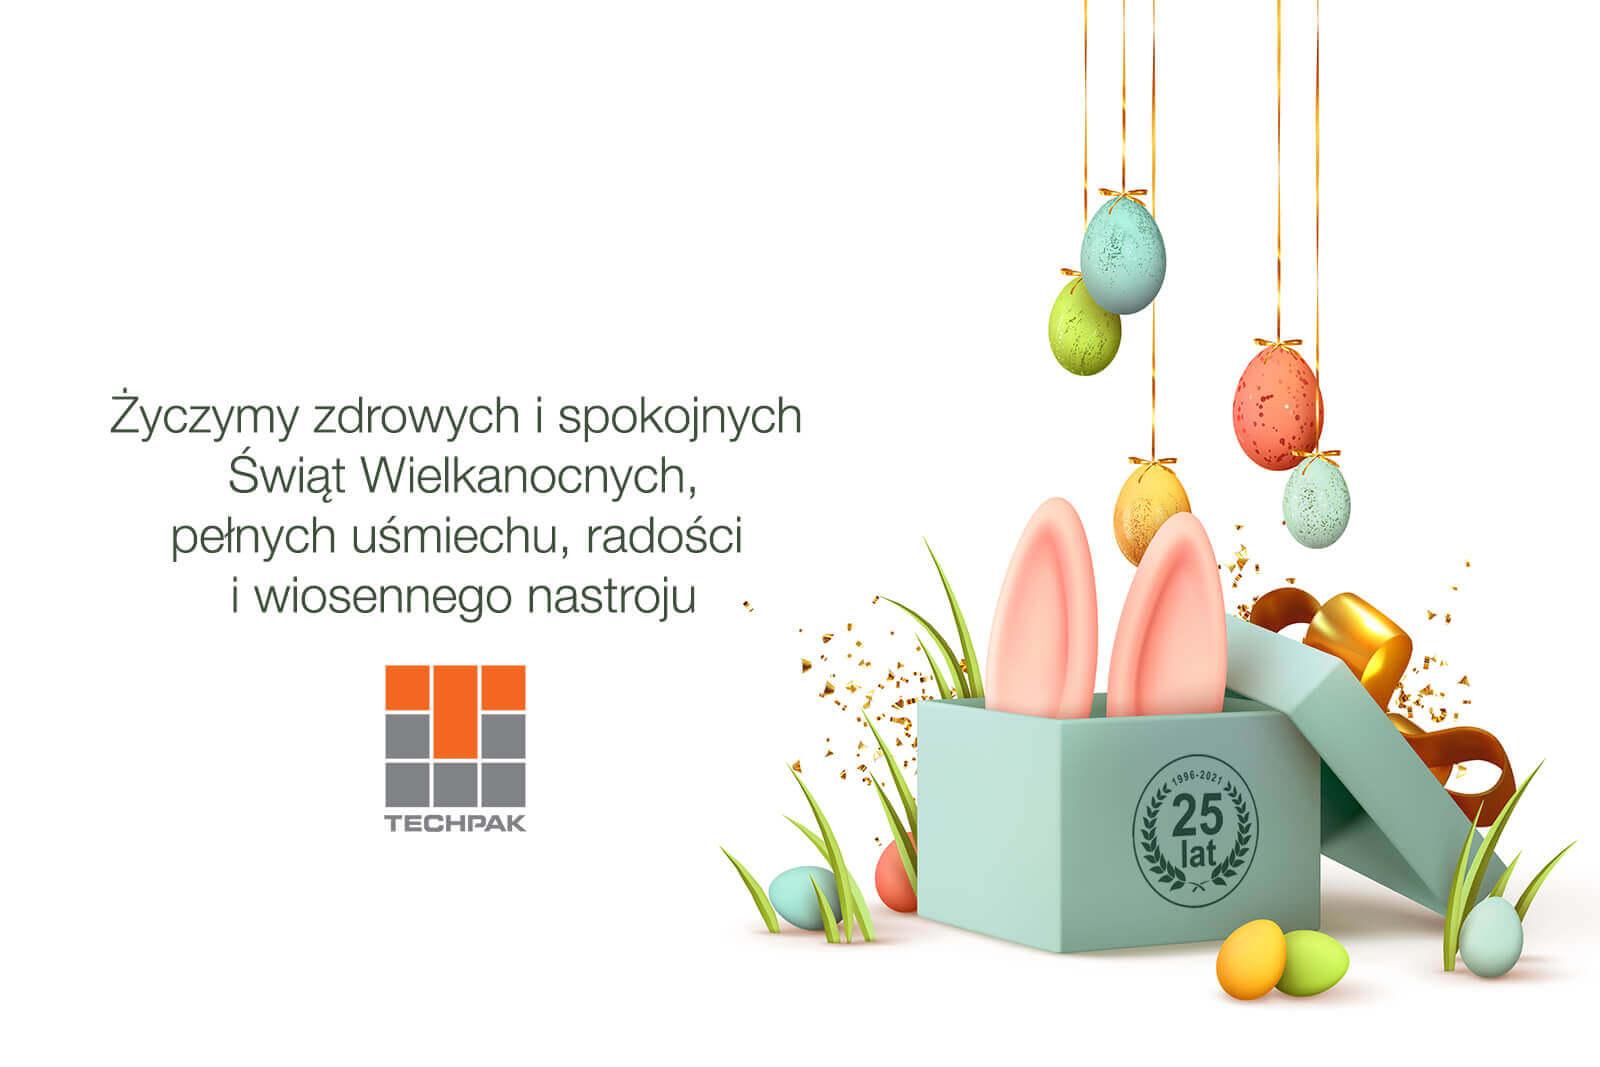 Życzymy zdrowych i spokojnych Świąt Wielkanocnych